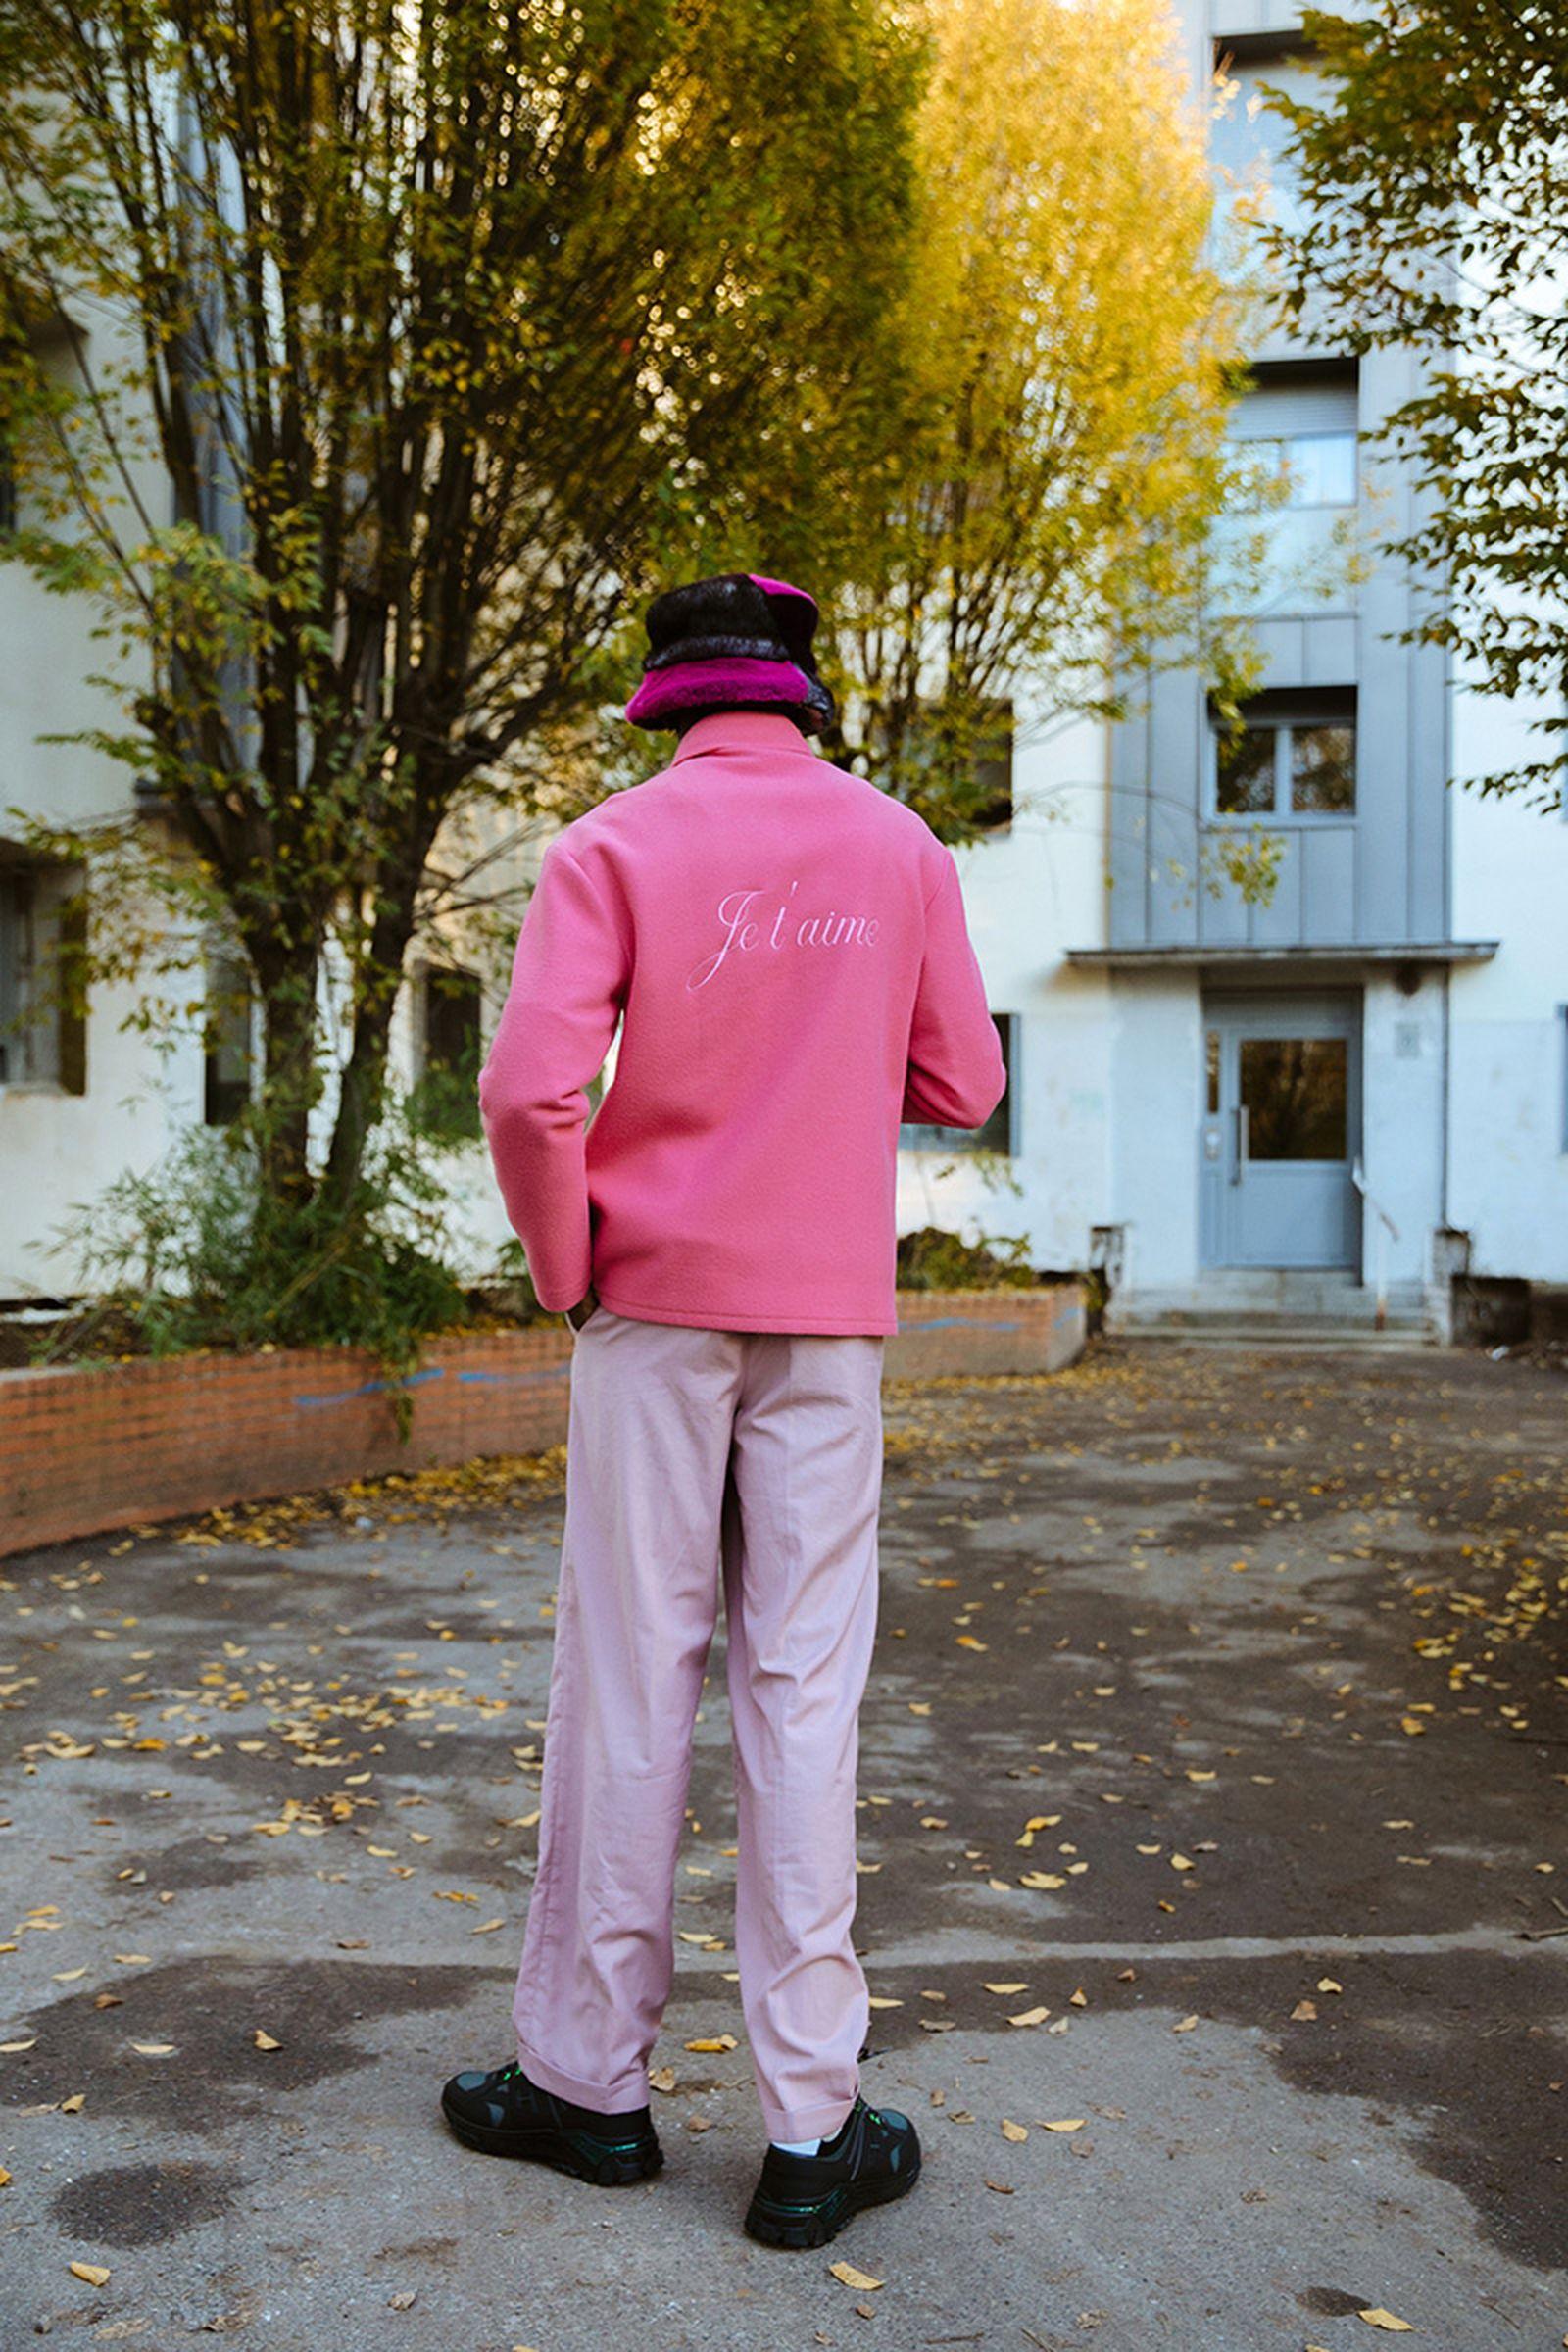 gogo-lupin-hogan-sneaker-pink-paris-05